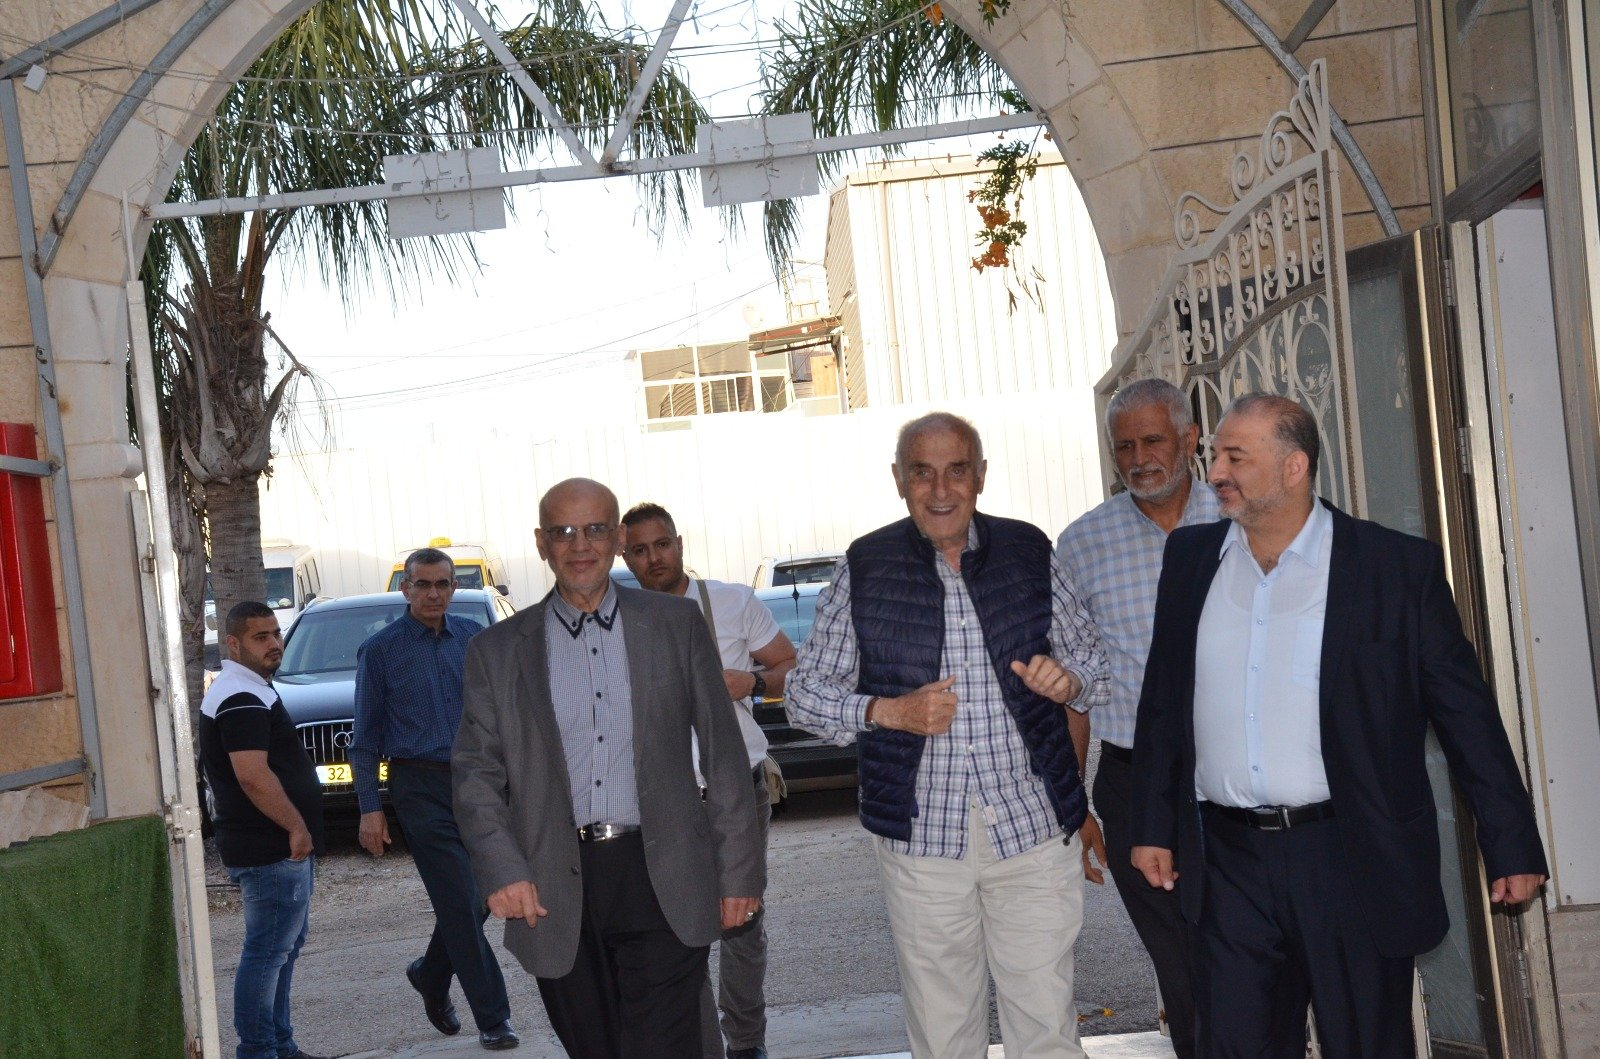 يوم دراسيّ لارث الشيخ عبدالله نمر درويش بمشاركة رجل الاعمال المصري